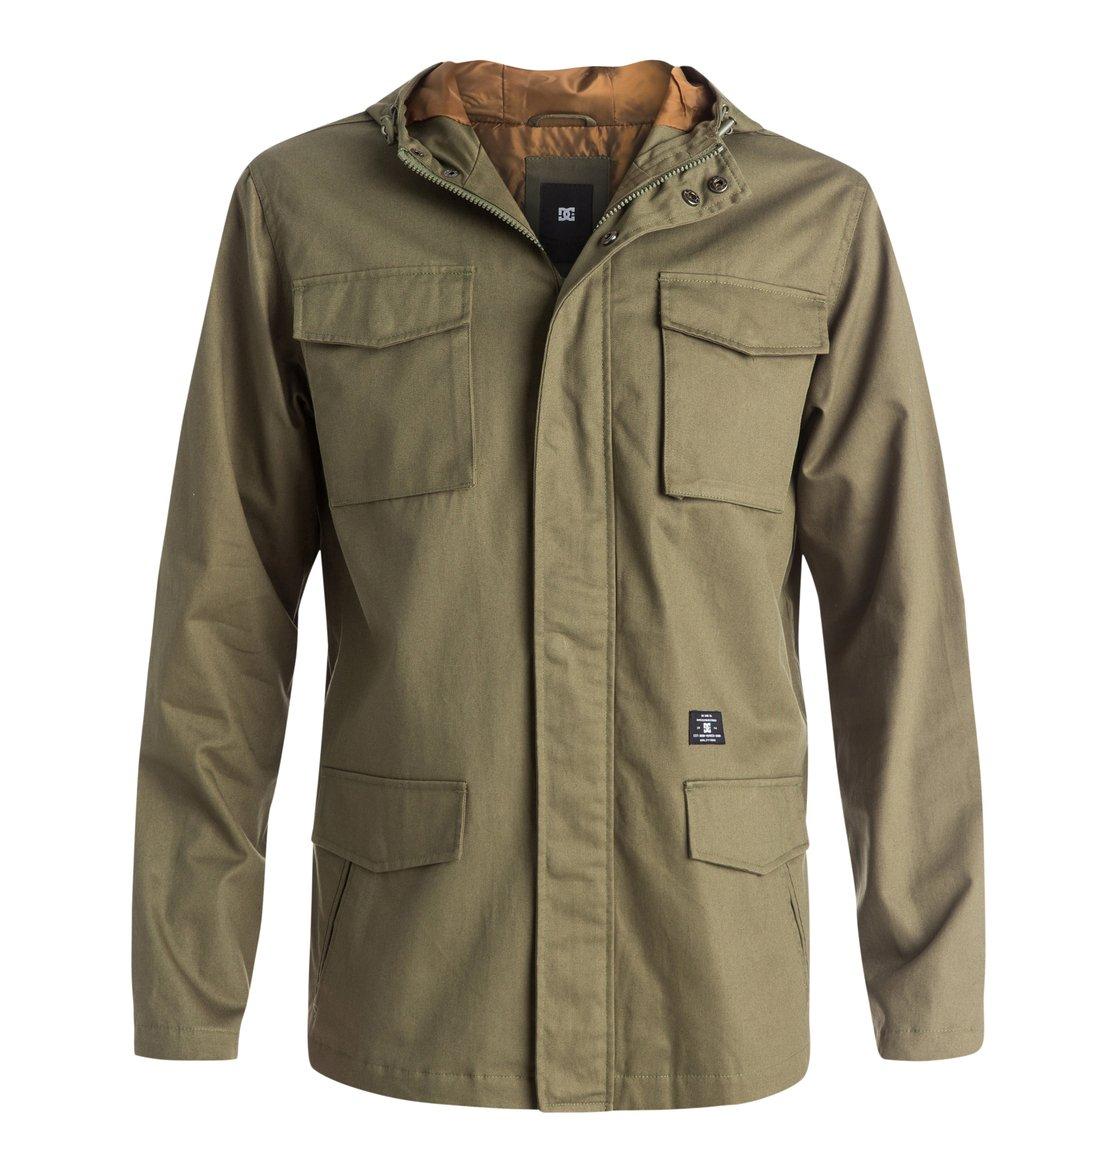 Mastadon 2 Parka Jacket